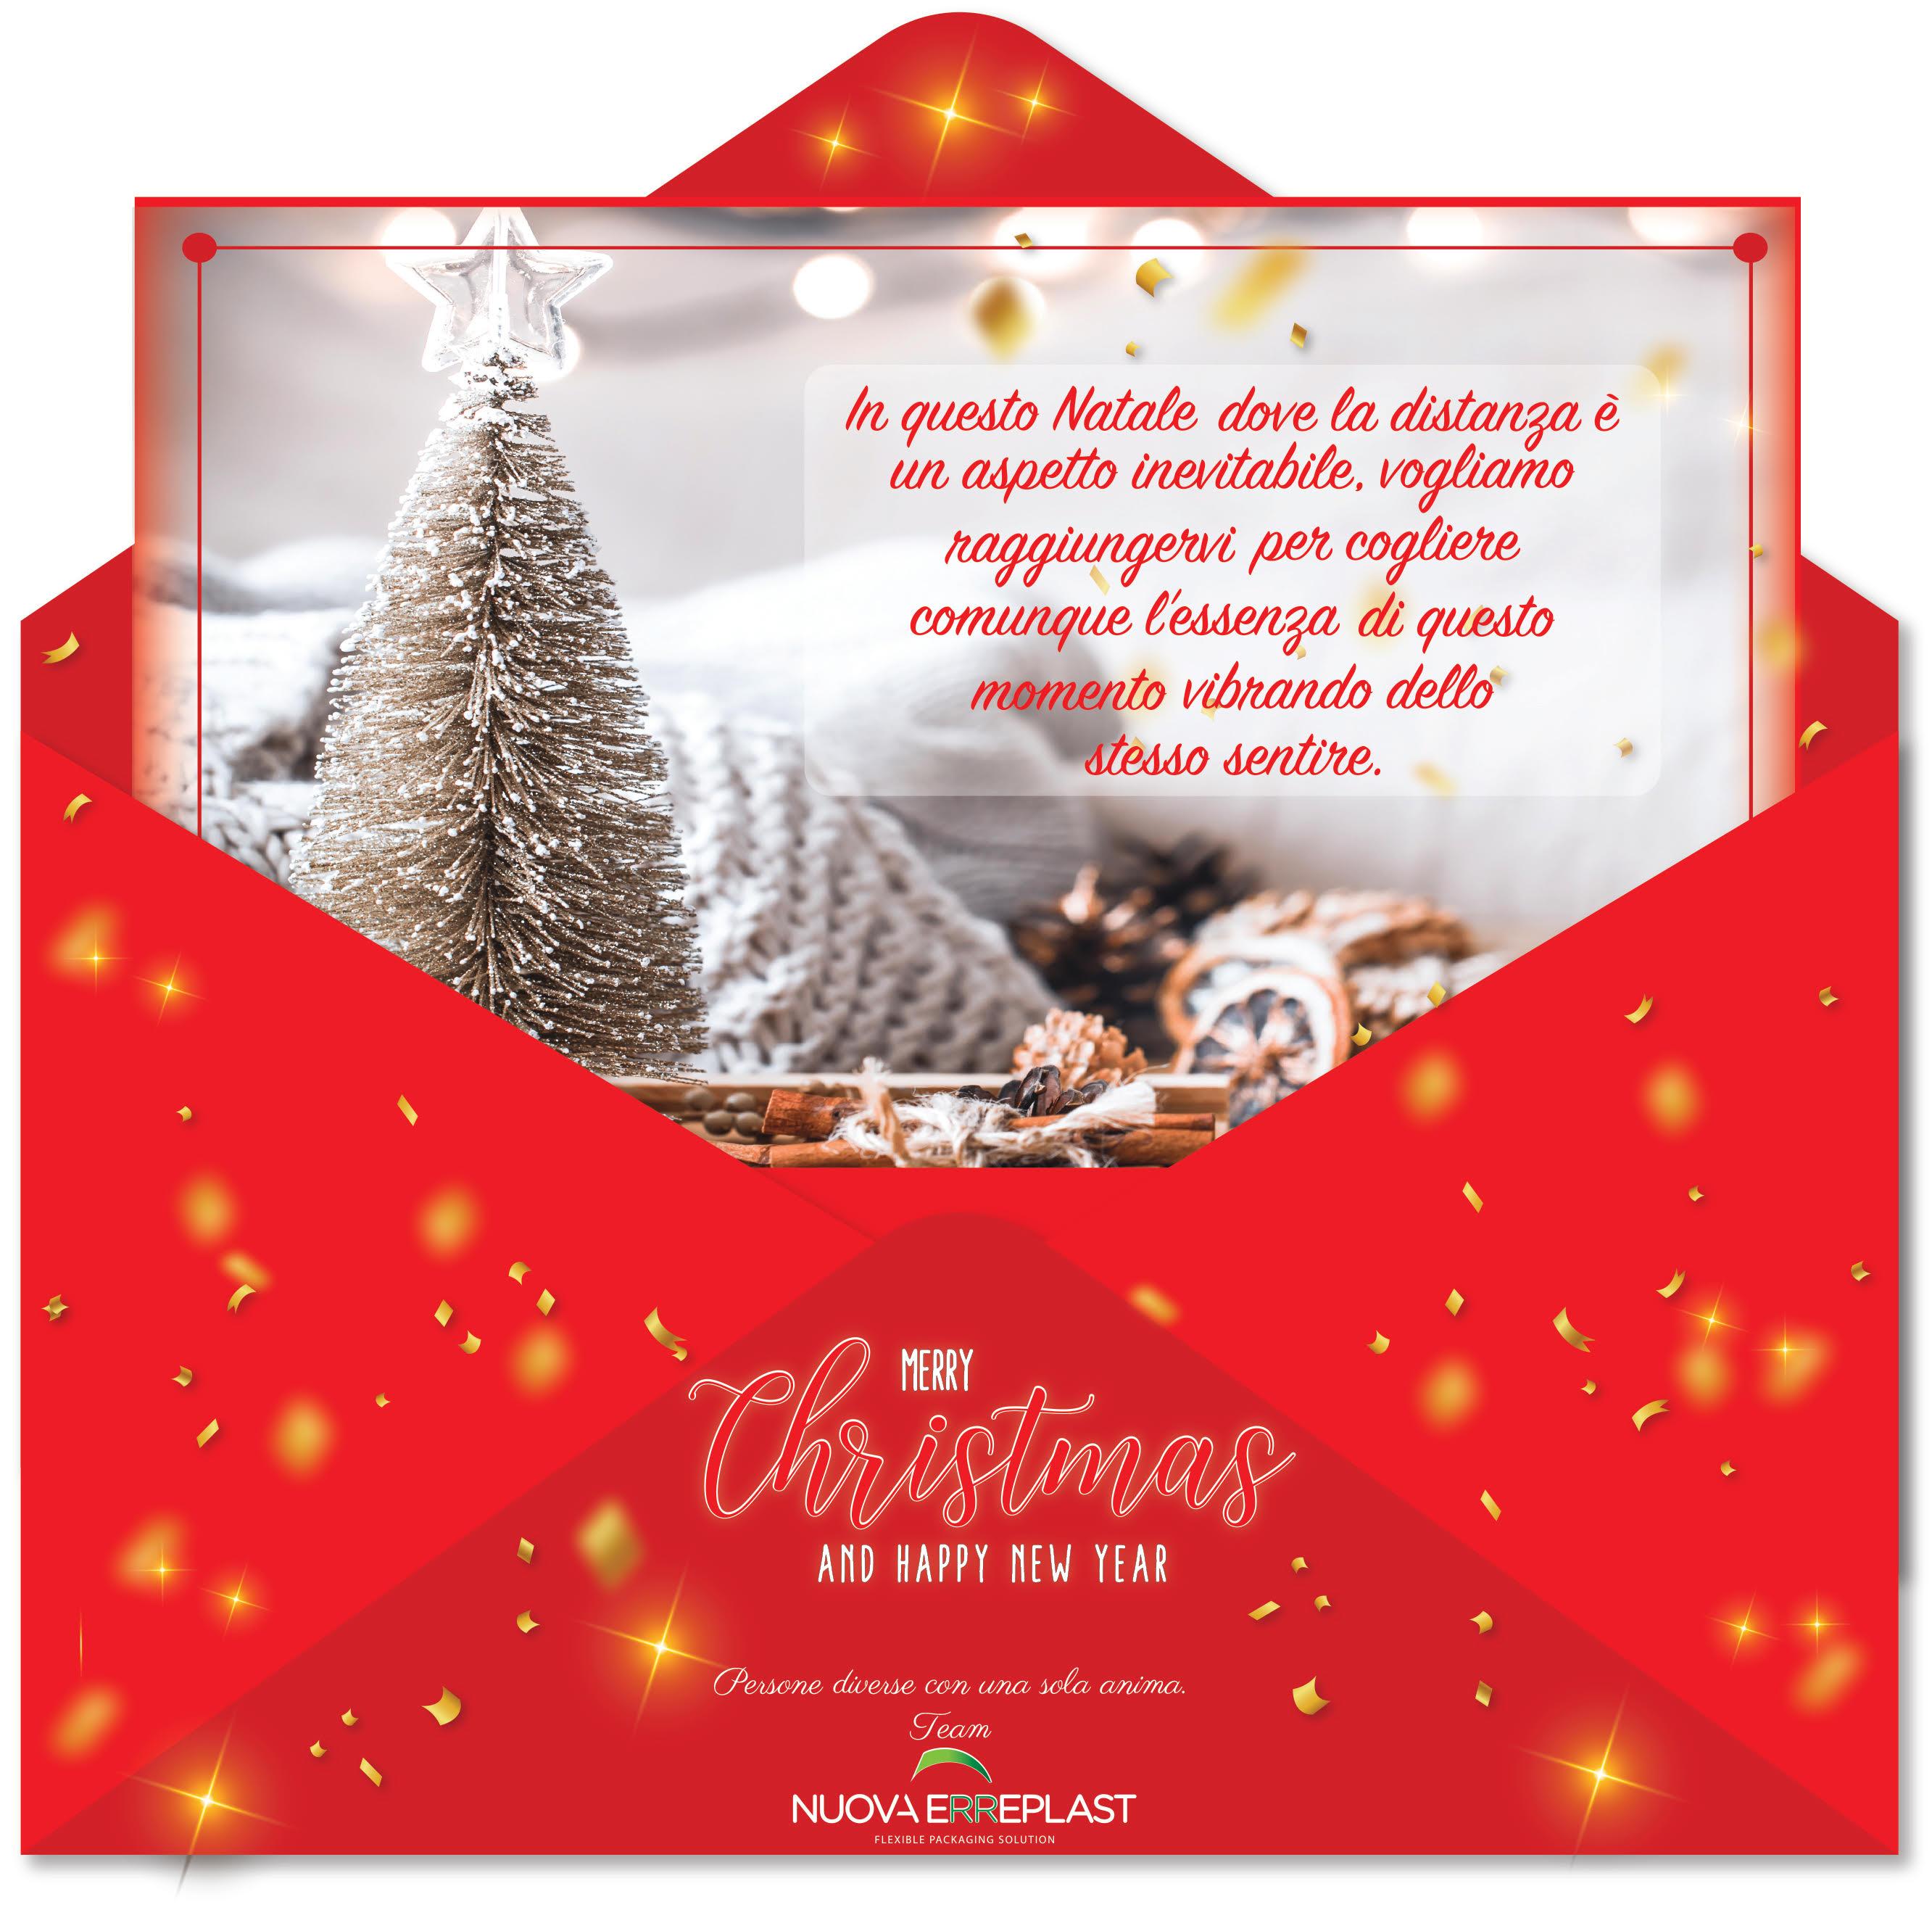 Cartoline Buon Natale E Felice Anno Nuovo.Buon Natale E Felice Anno Nuovo Nuova Erreplast